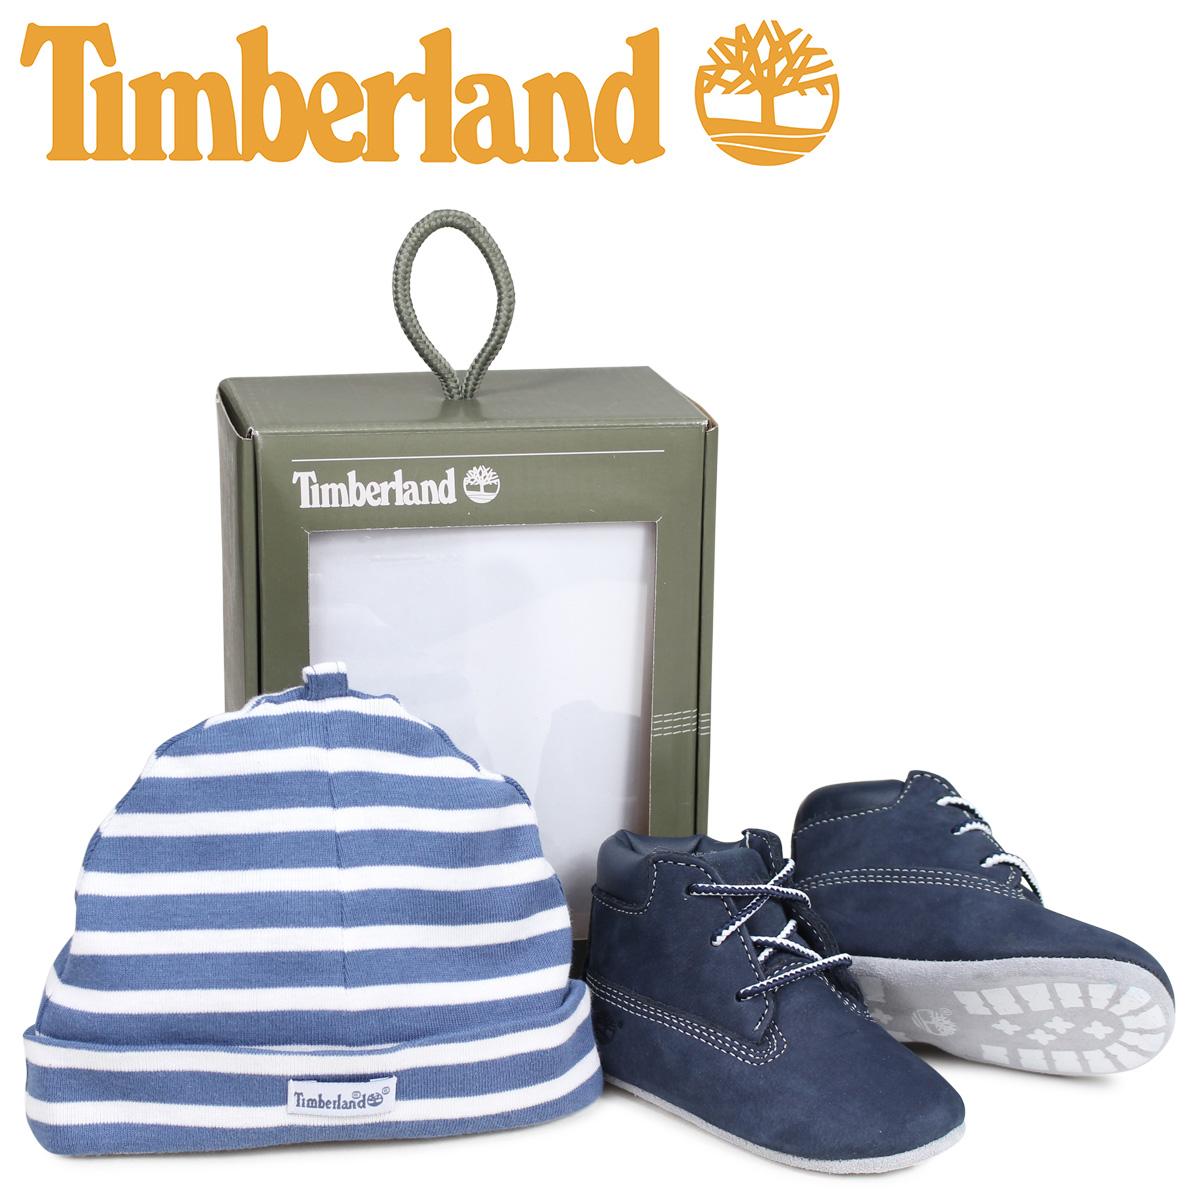 ティンバーランド Timberland ブーツ シューズ キャップ 帽子 ニット帽 セット キッズ ベビー INFANT CRIB BOOTIES CAP SET ギフト ネイビー A1LU3